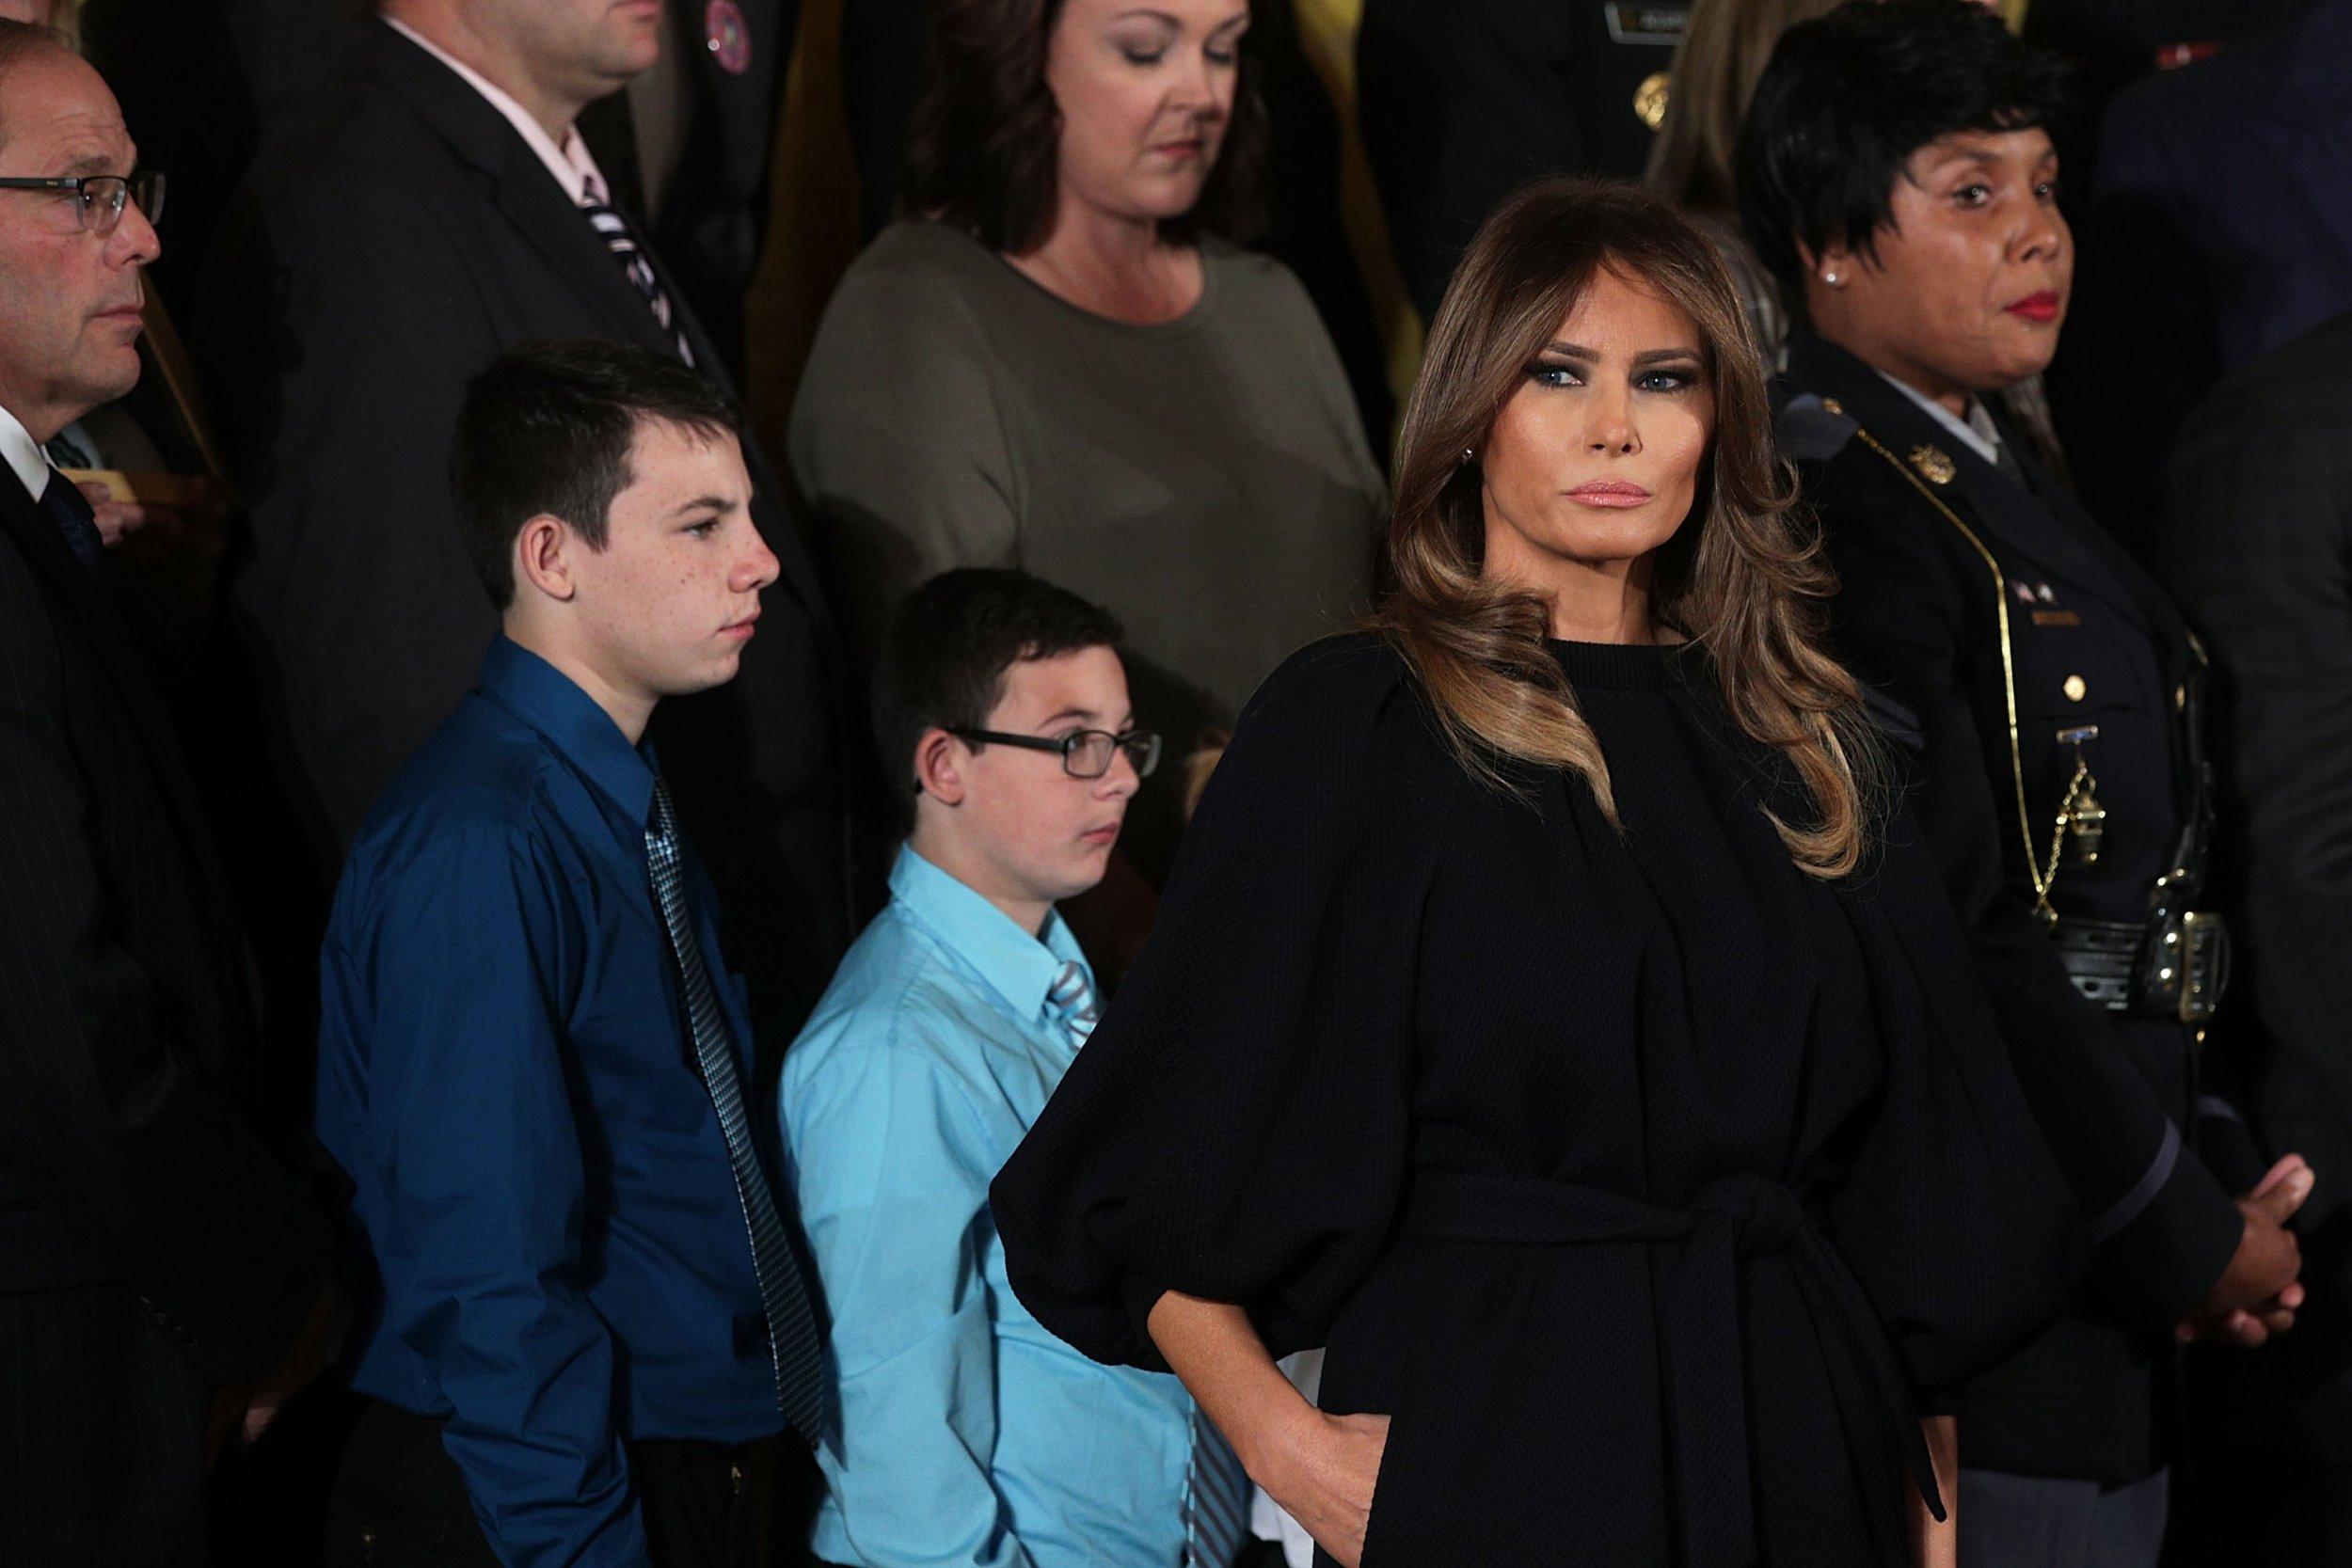 Is Melania Trump miserable?